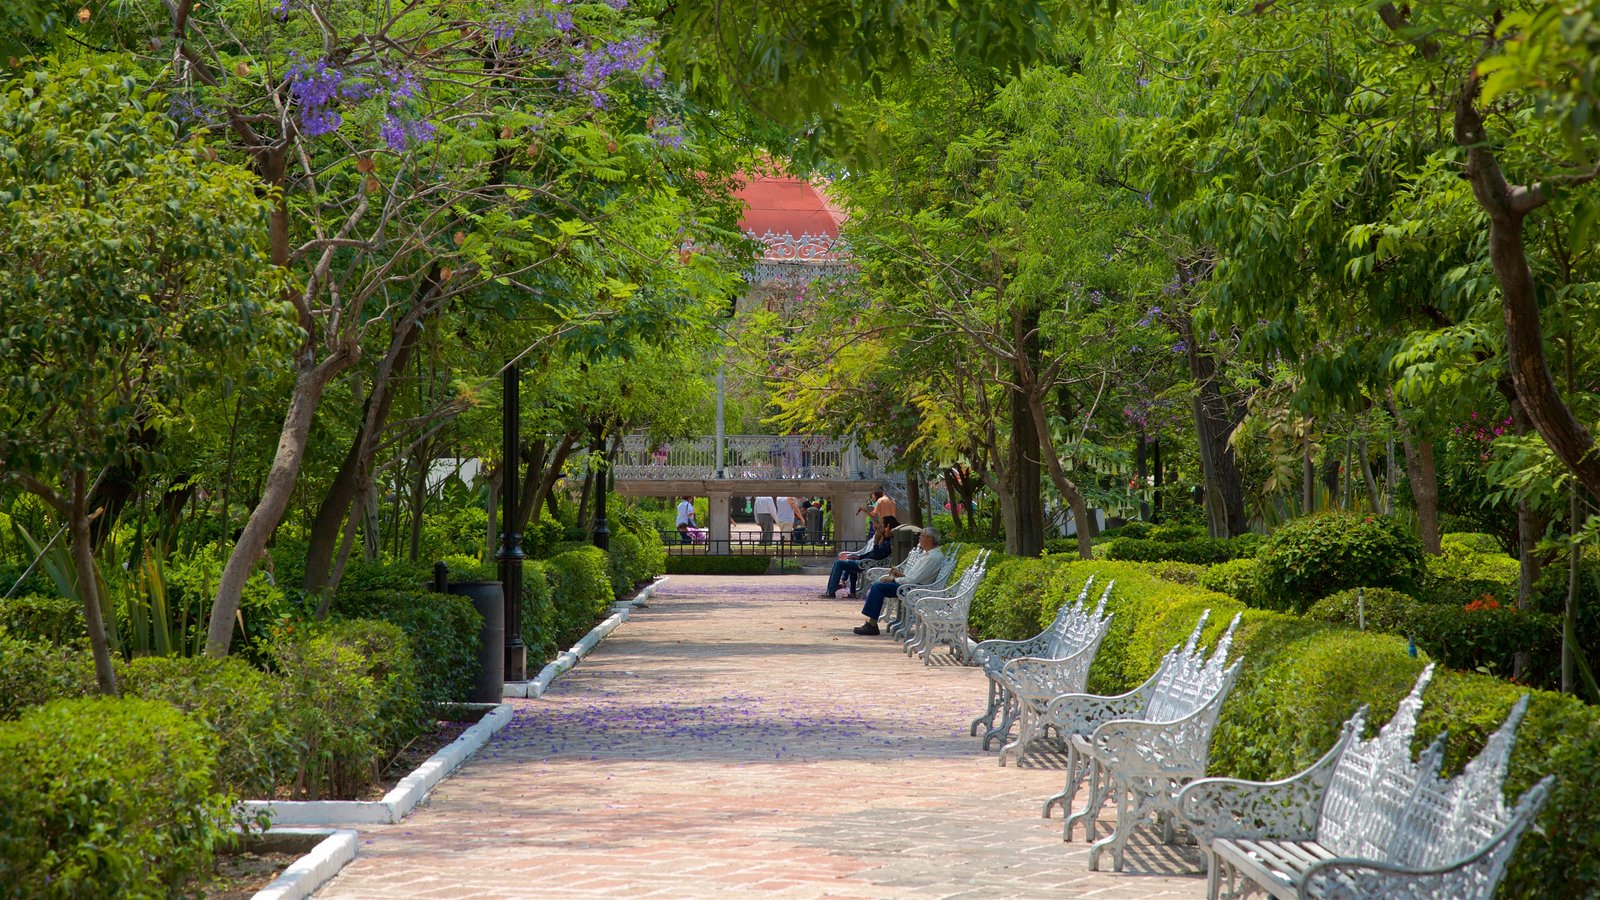 fotos de parques y jardines ver im genes de aguascalientes On diseno de jardines aguascalientes